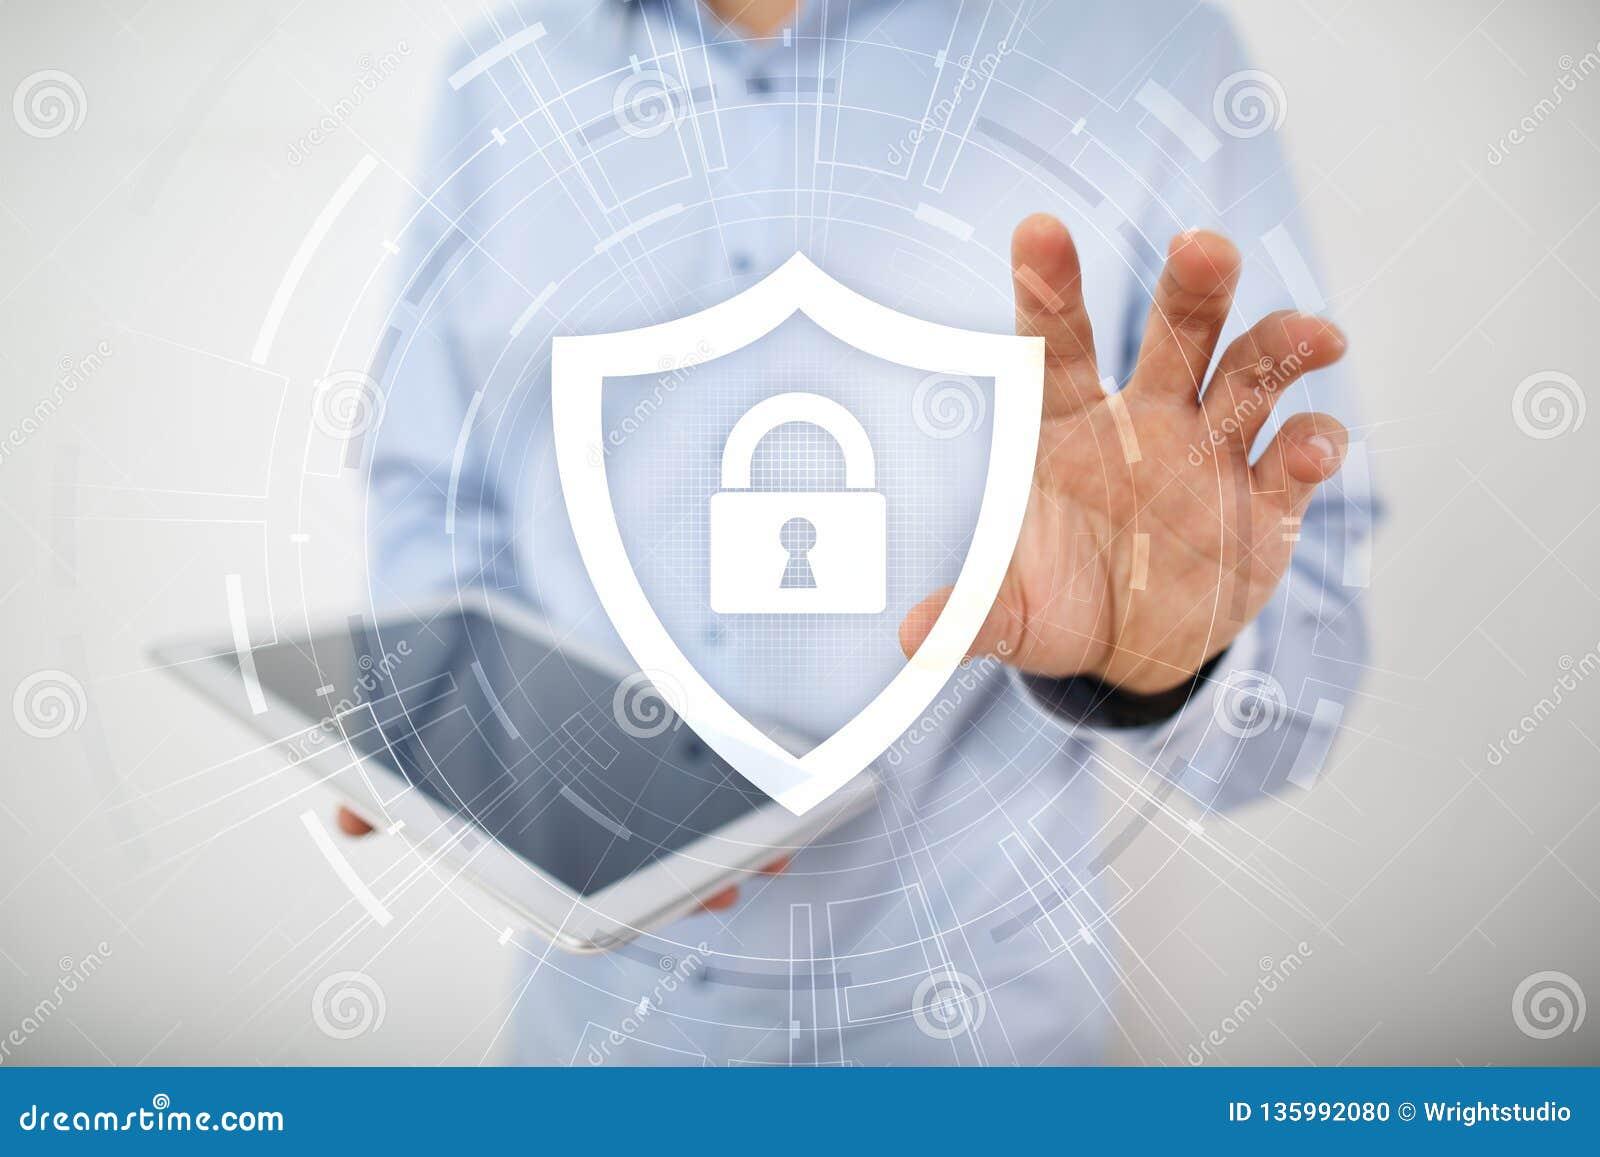 Gegevensbescherming, cyber veiligheid en privacyconcept